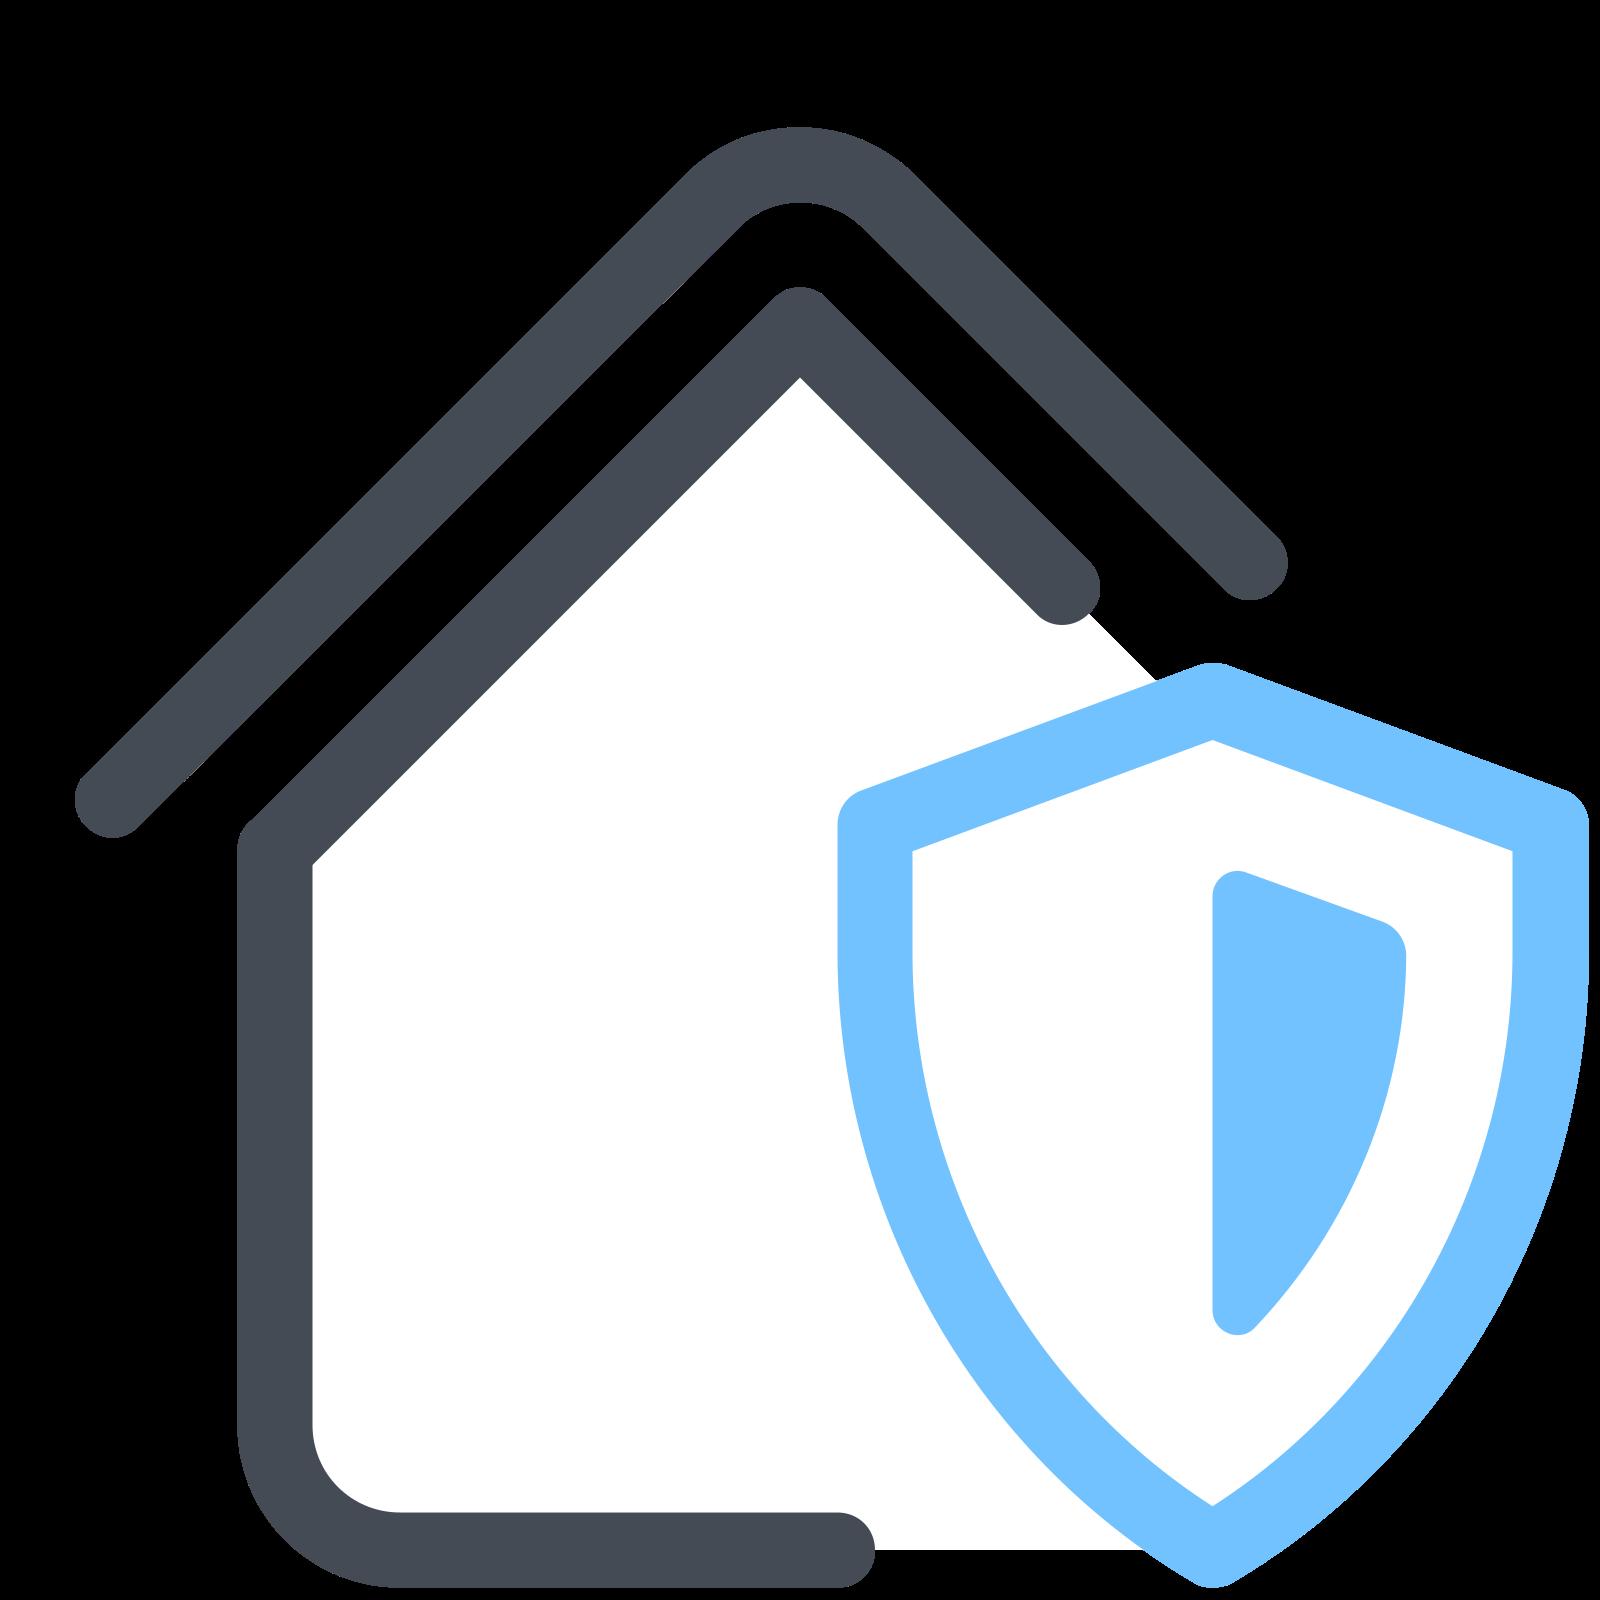 Умный домашний щит icon